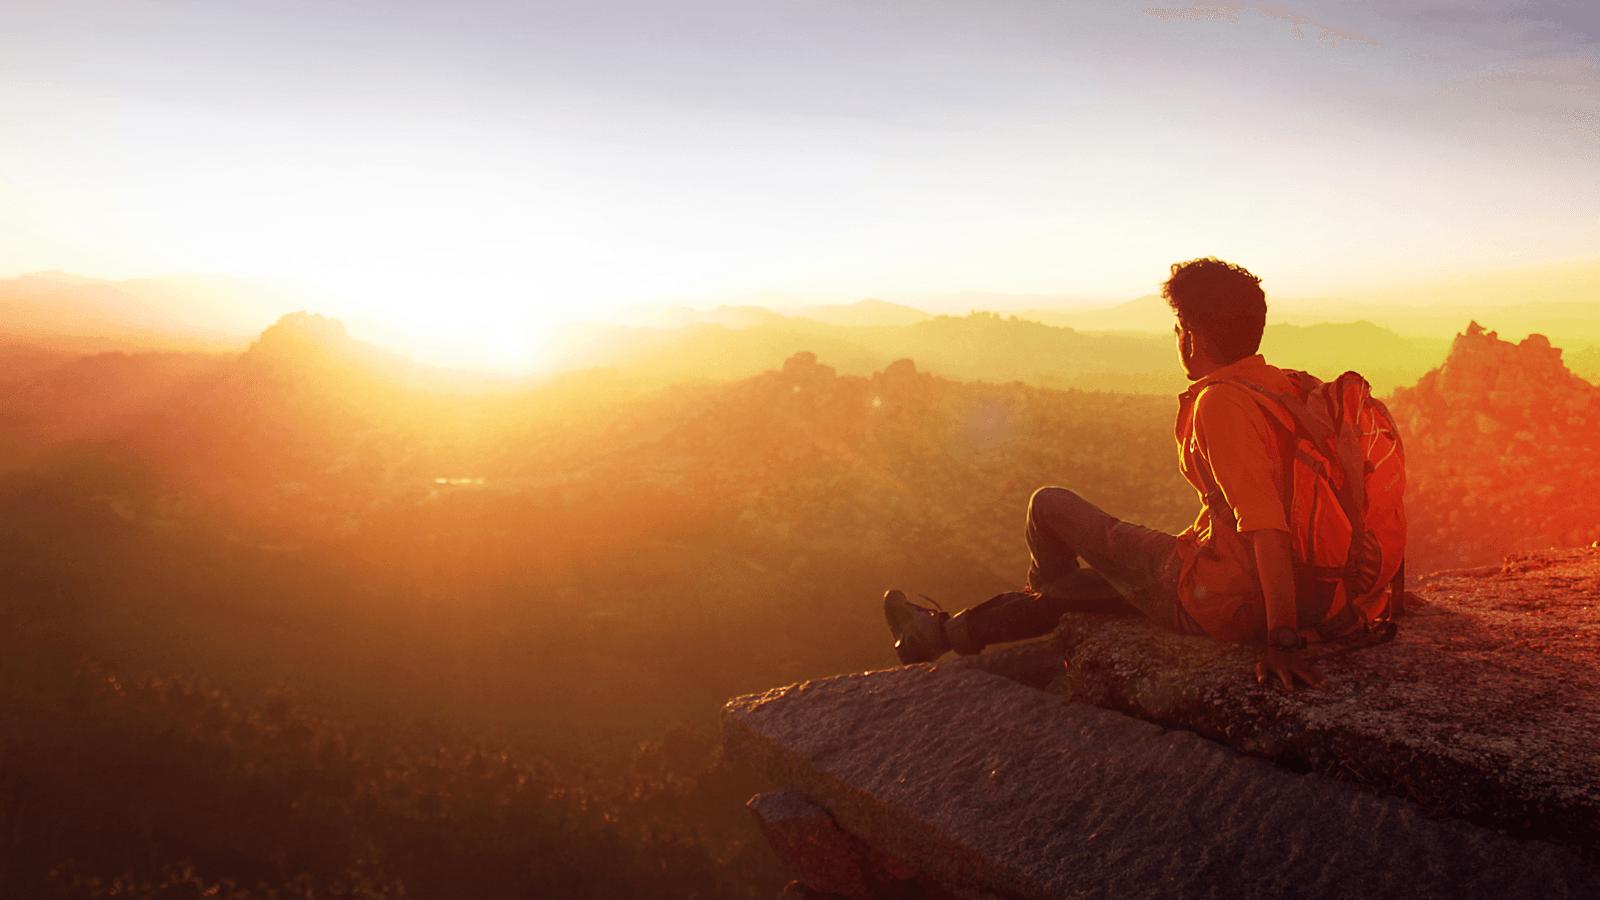 Trải nghiệm 7 điều thú vị khi bạn đi du lịch một mình